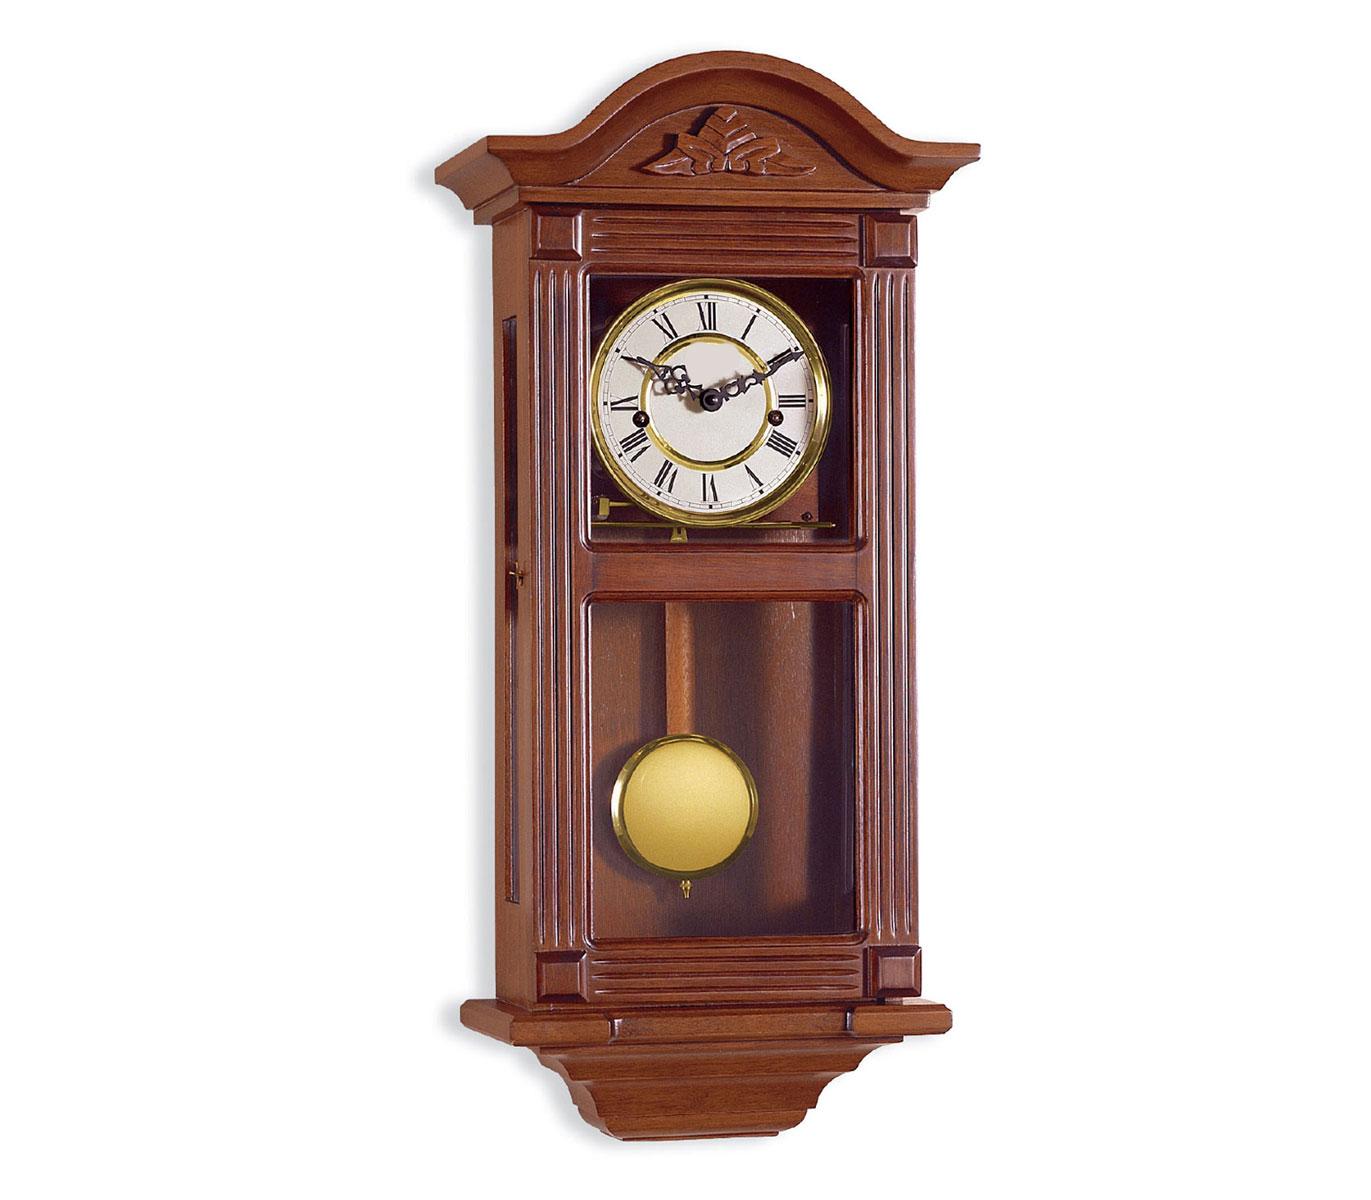 Reloj de pendulo de pared reloj con carrillon maquinaria - Reloj de pared original ...